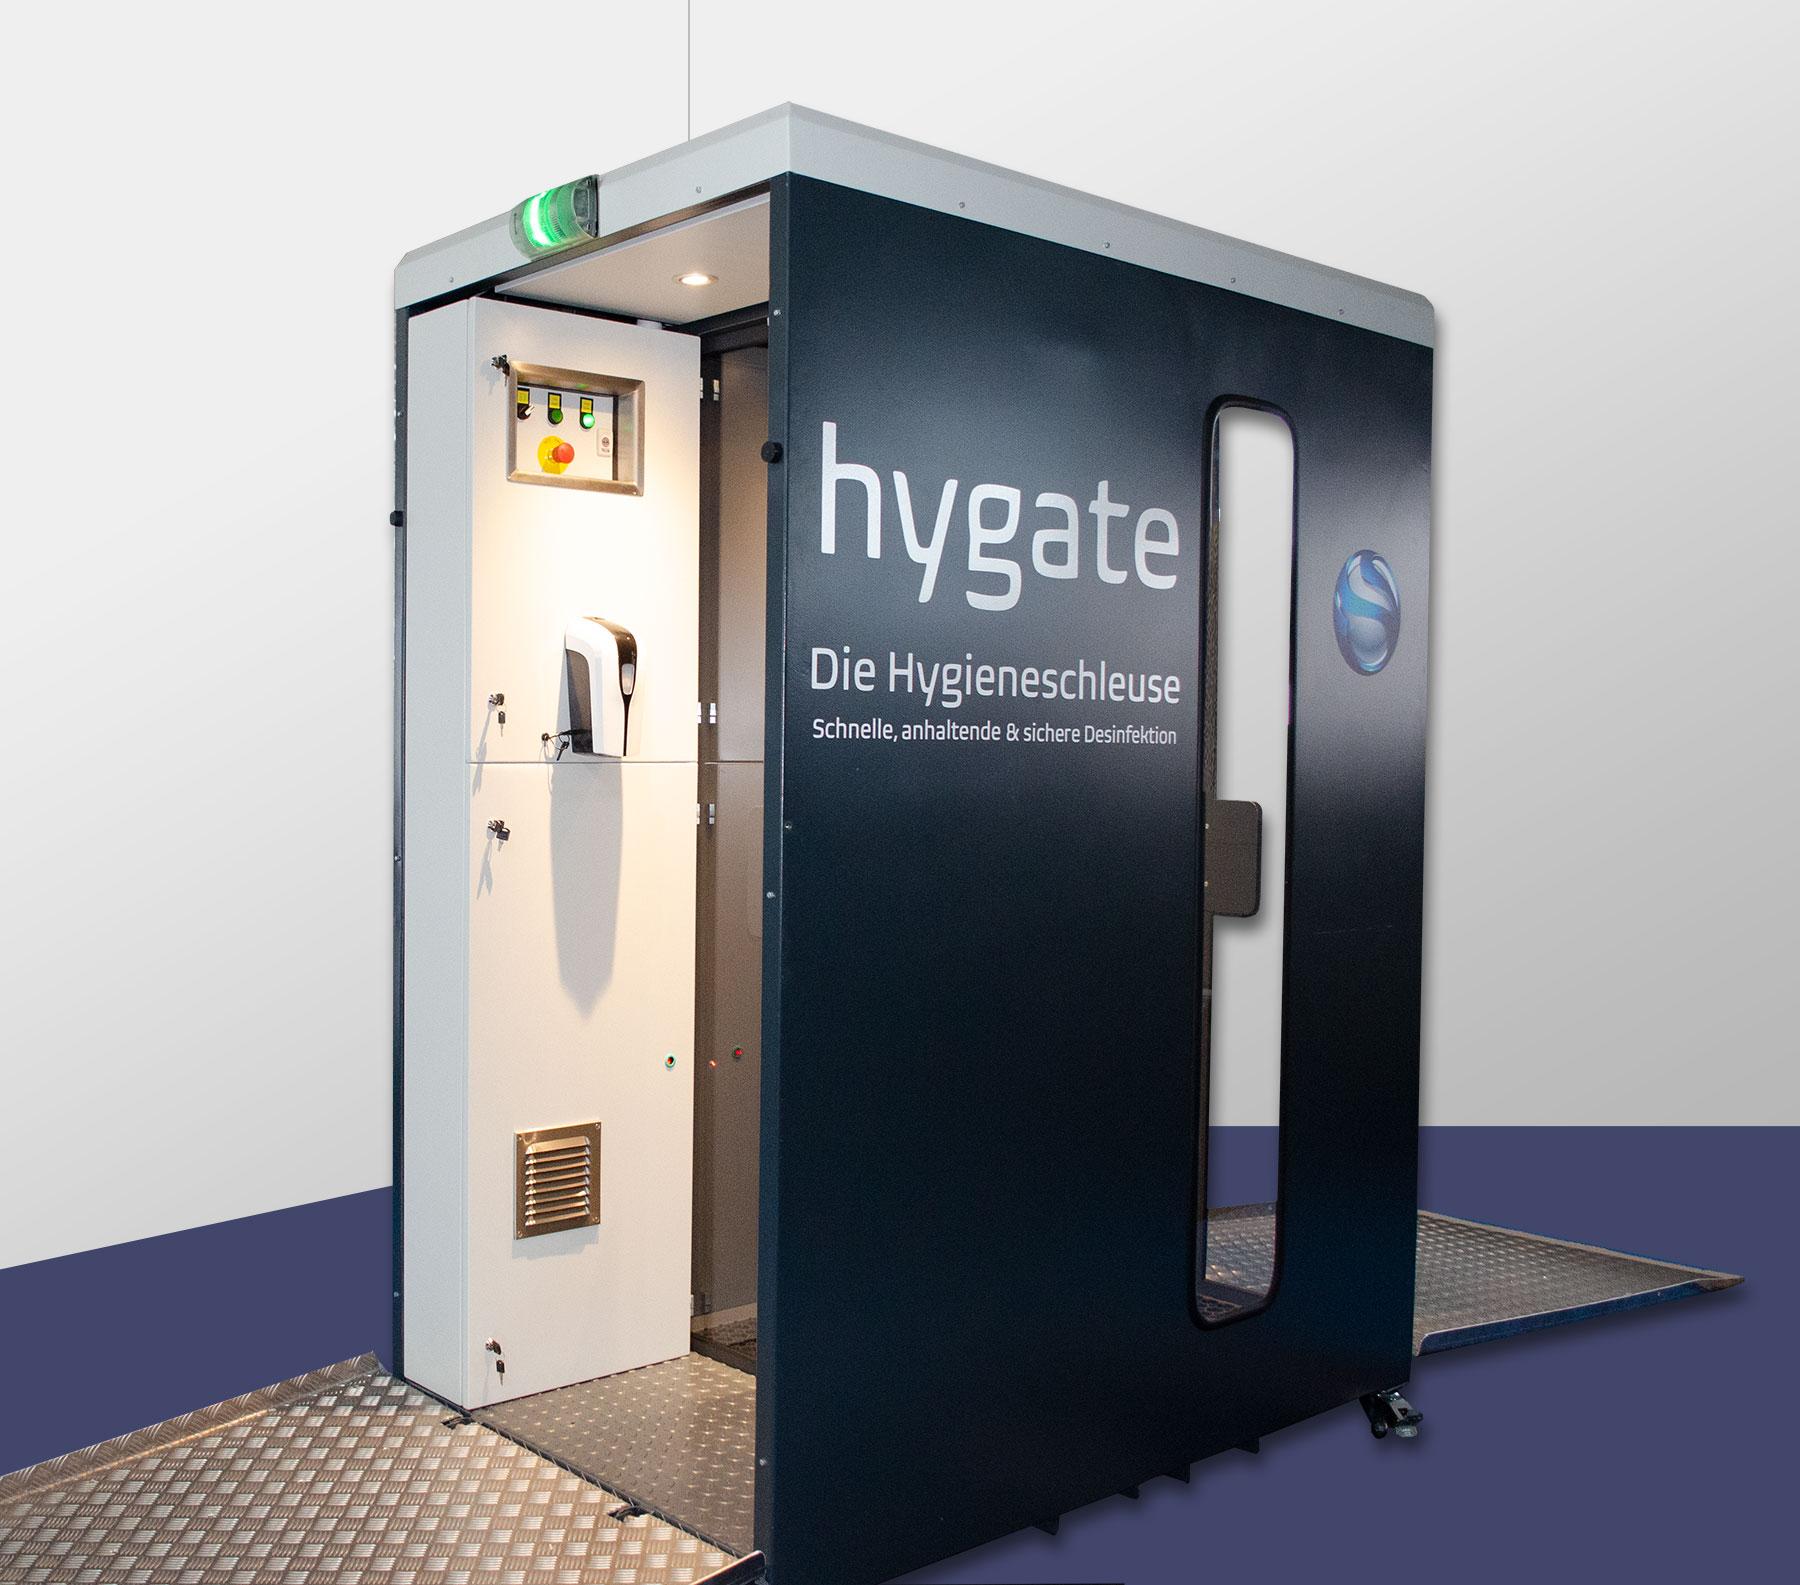 hygate